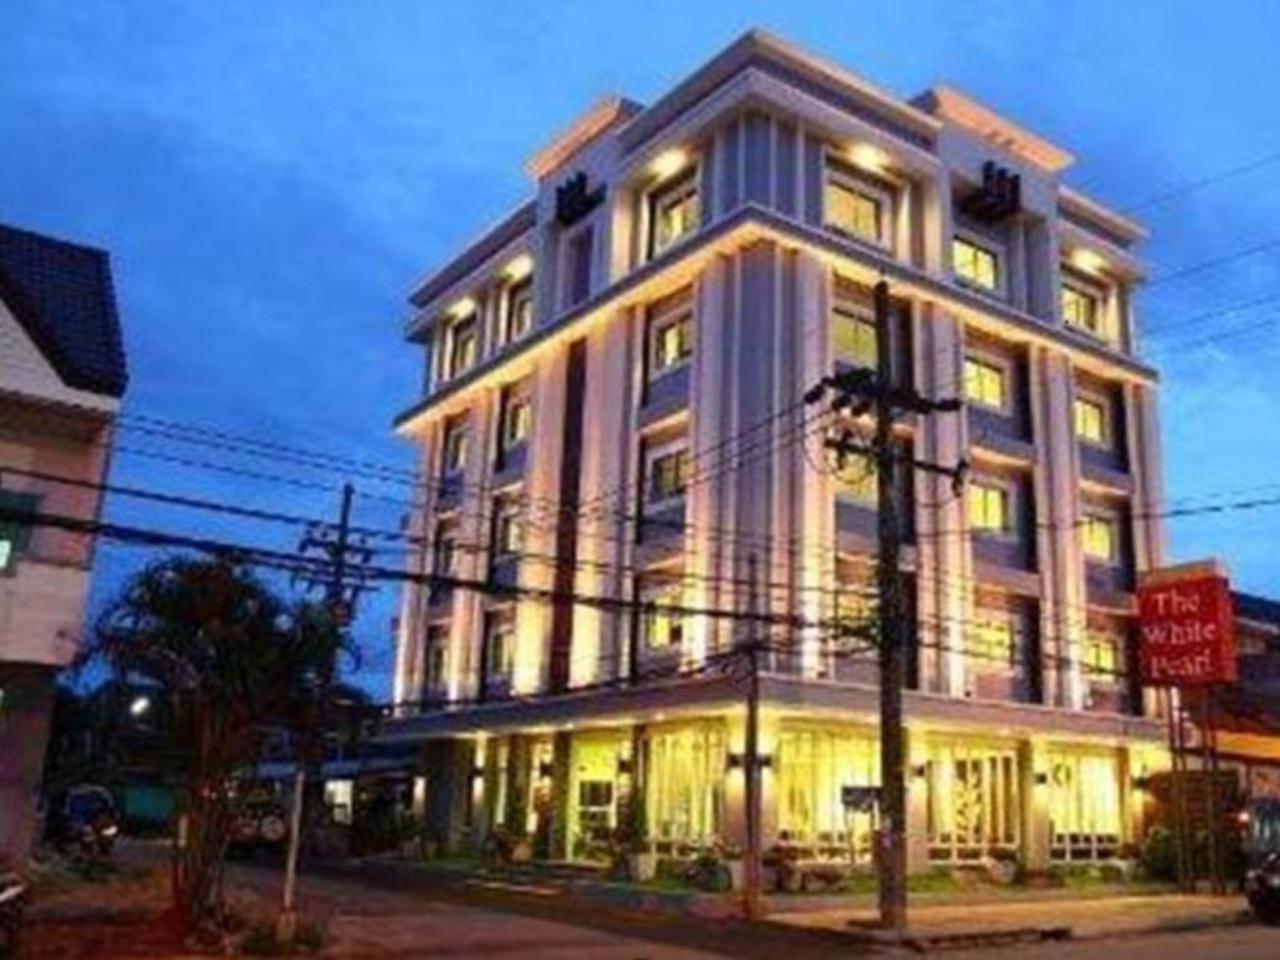 โรงแรมเดอะไวท์เพิร์ล (The White Pearl Hotel)